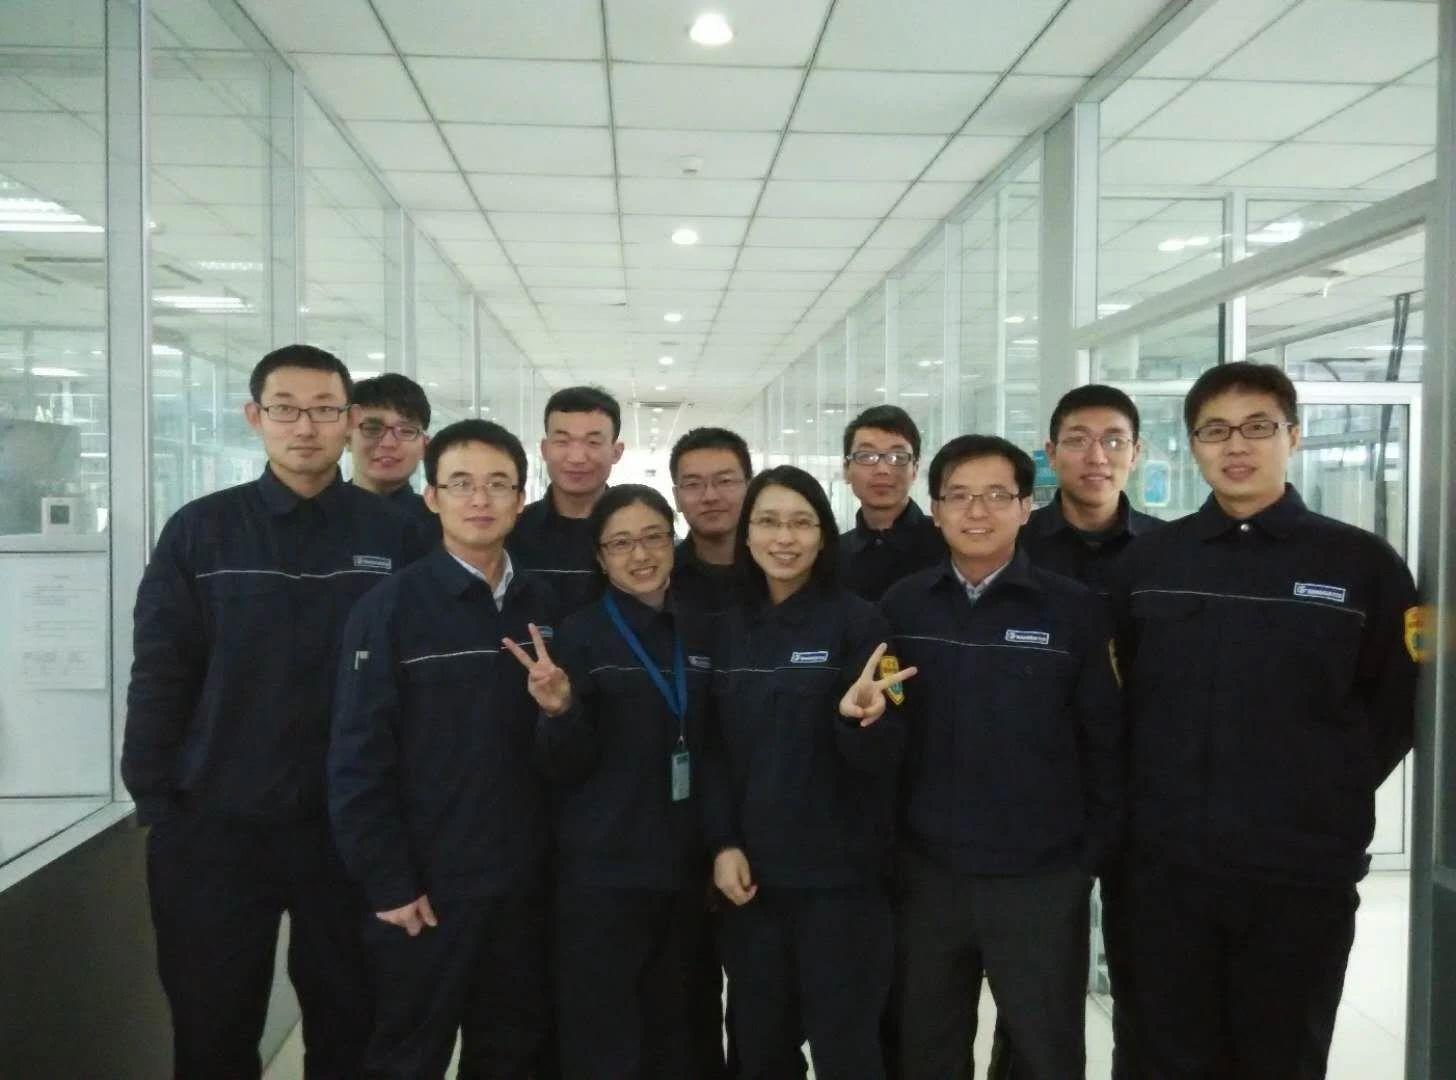 """万华尼龙12全产业链技术开发团队获评""""青春担当好团队"""":以梦为马,让青春在奋斗中闪光"""